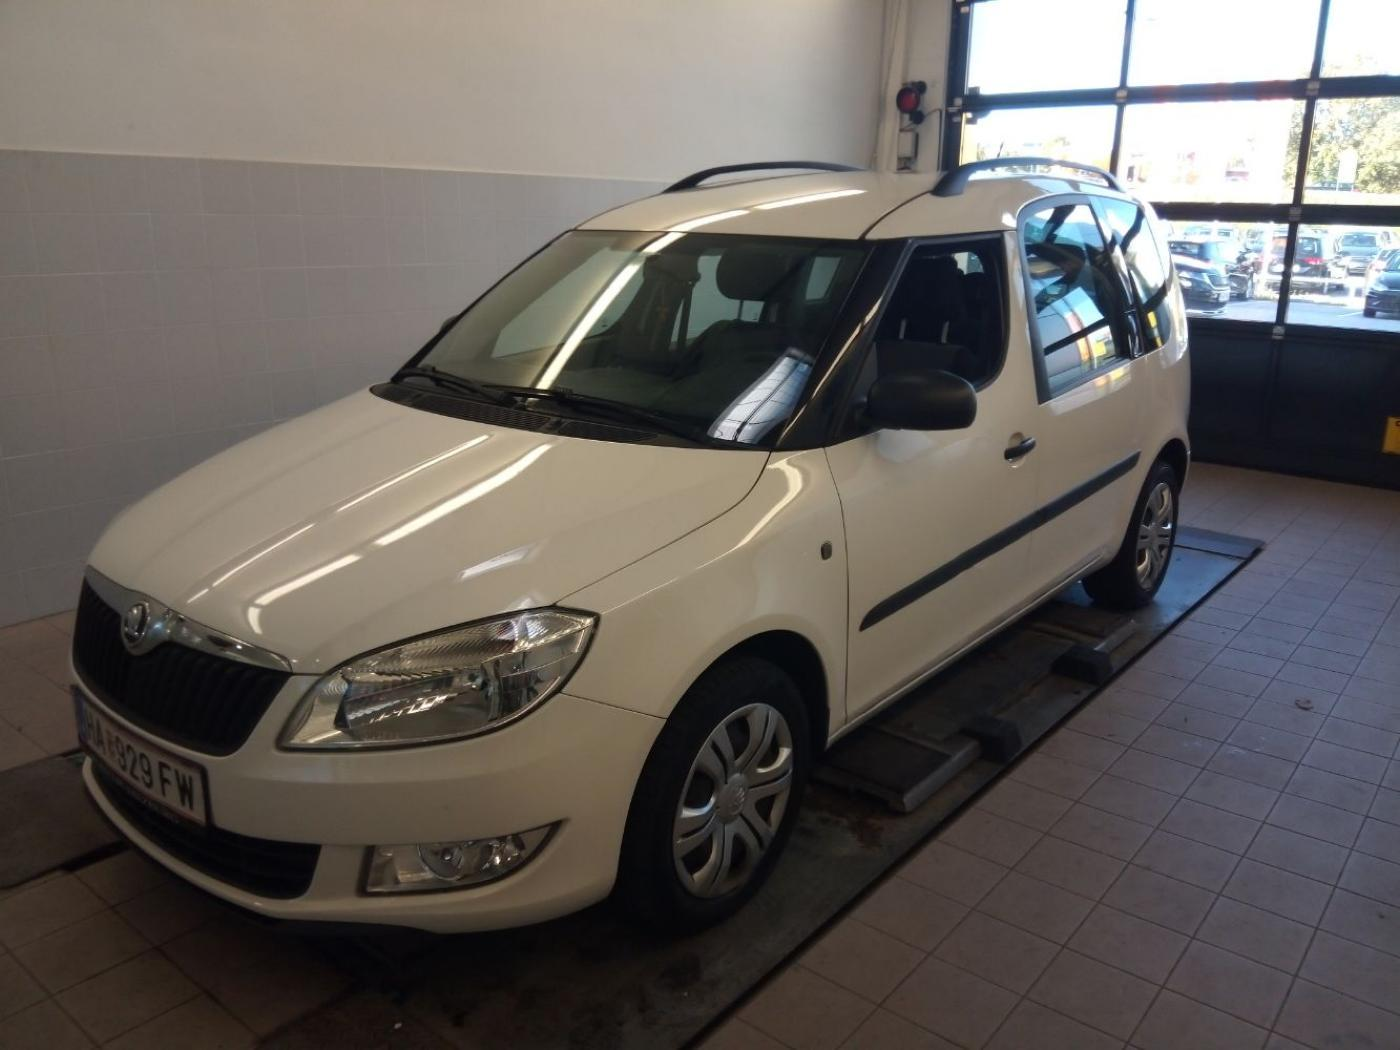 Škoda Roomster 1,2 TSI active plus hatchback